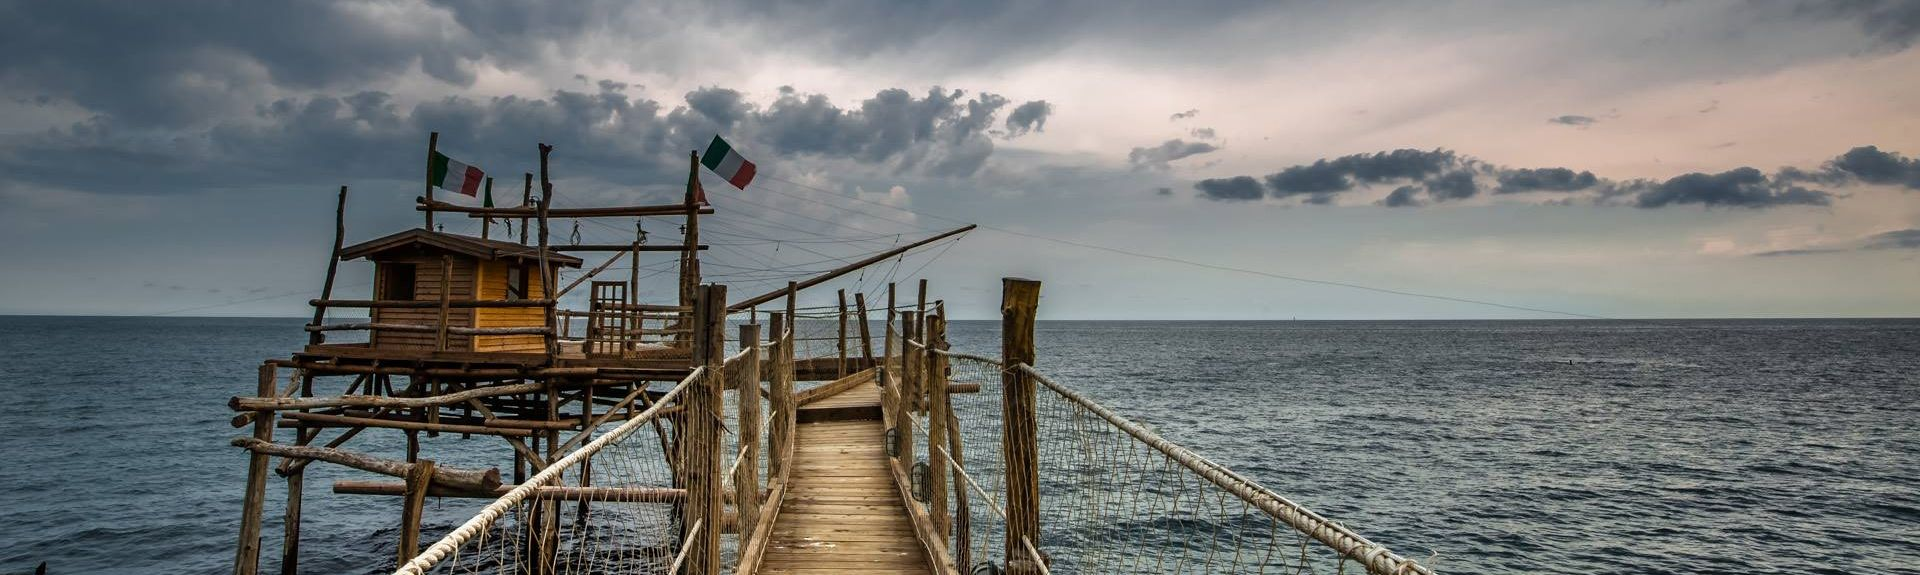 Chietin maakunta, Abruzzo, Italia